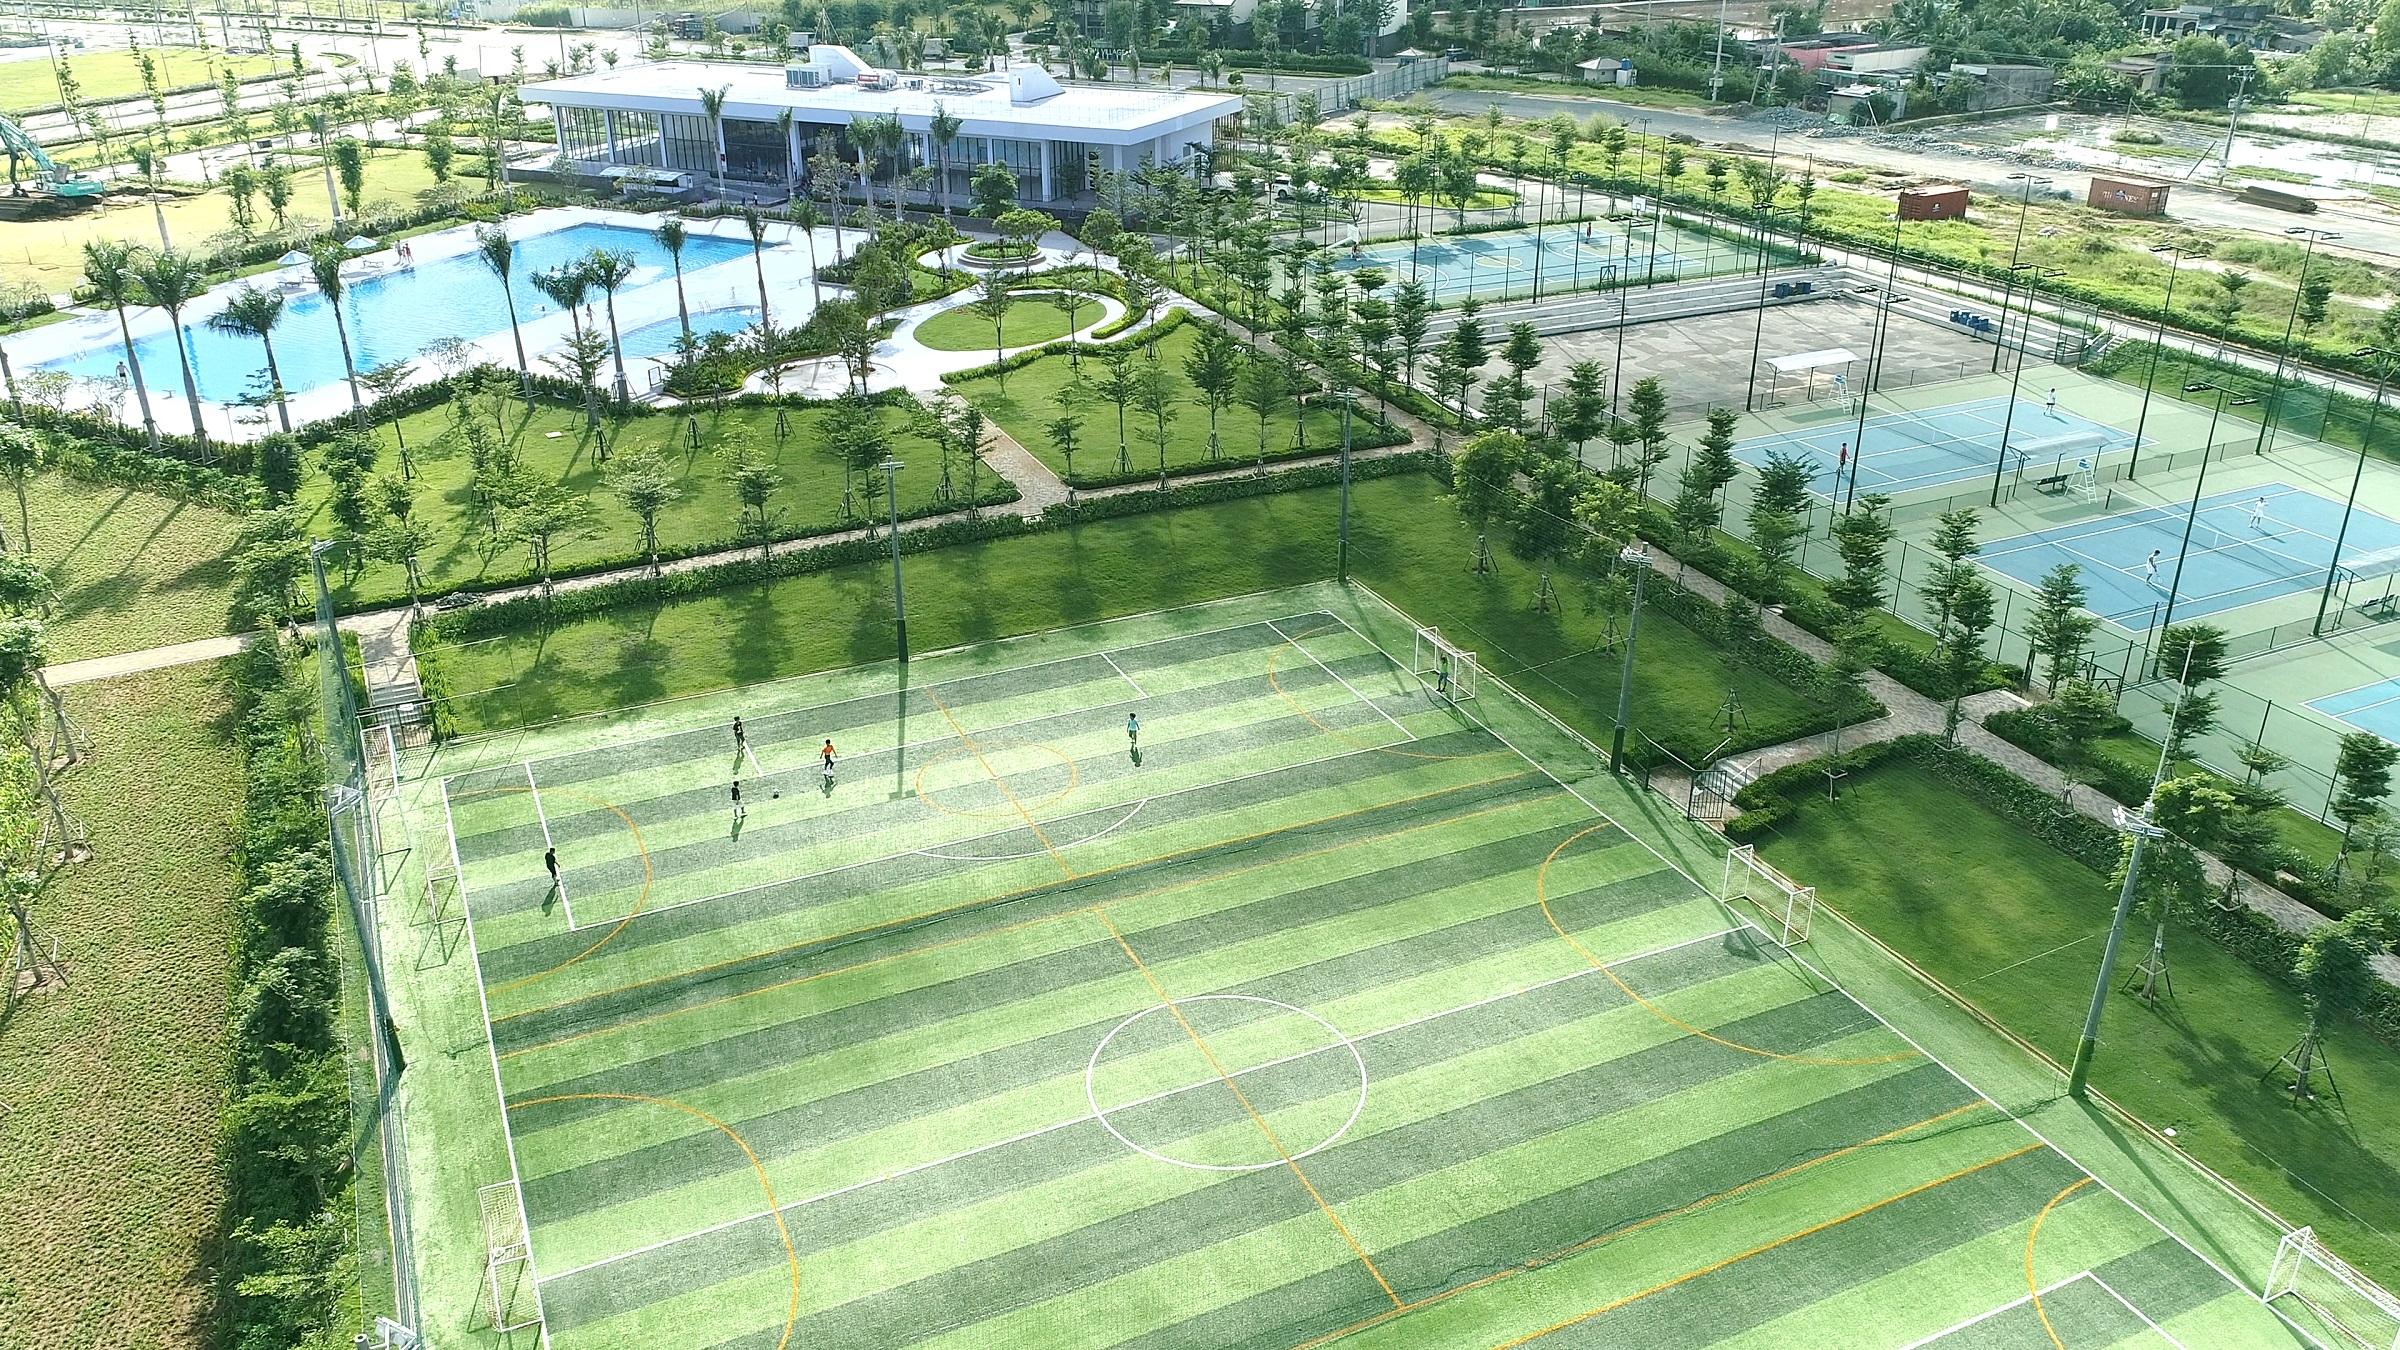 Sân bóng đá, sân tennis, hồ bơi... là những tiện ích đã đi vào hoạt động tại Waterpoint. Ảnh: Nam Long.